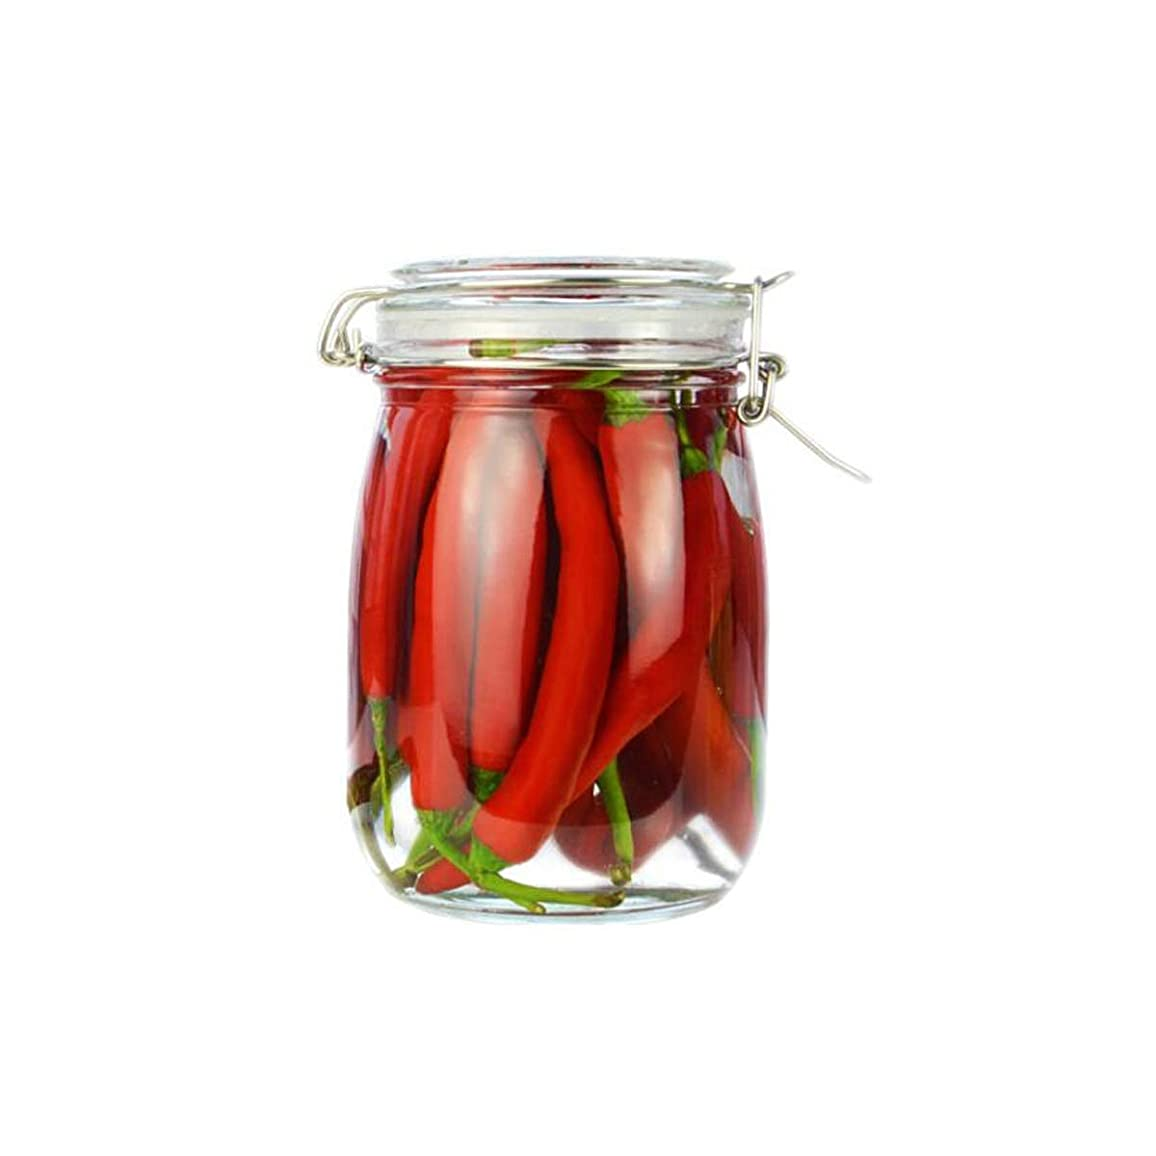 テレビ局パイプライン純正HXSD 丸い厚いガラスの密封された缶、収納ボトル、密封された缶、ガラスの瓶1100ml 貯蔵タンク、 (Color : A1)